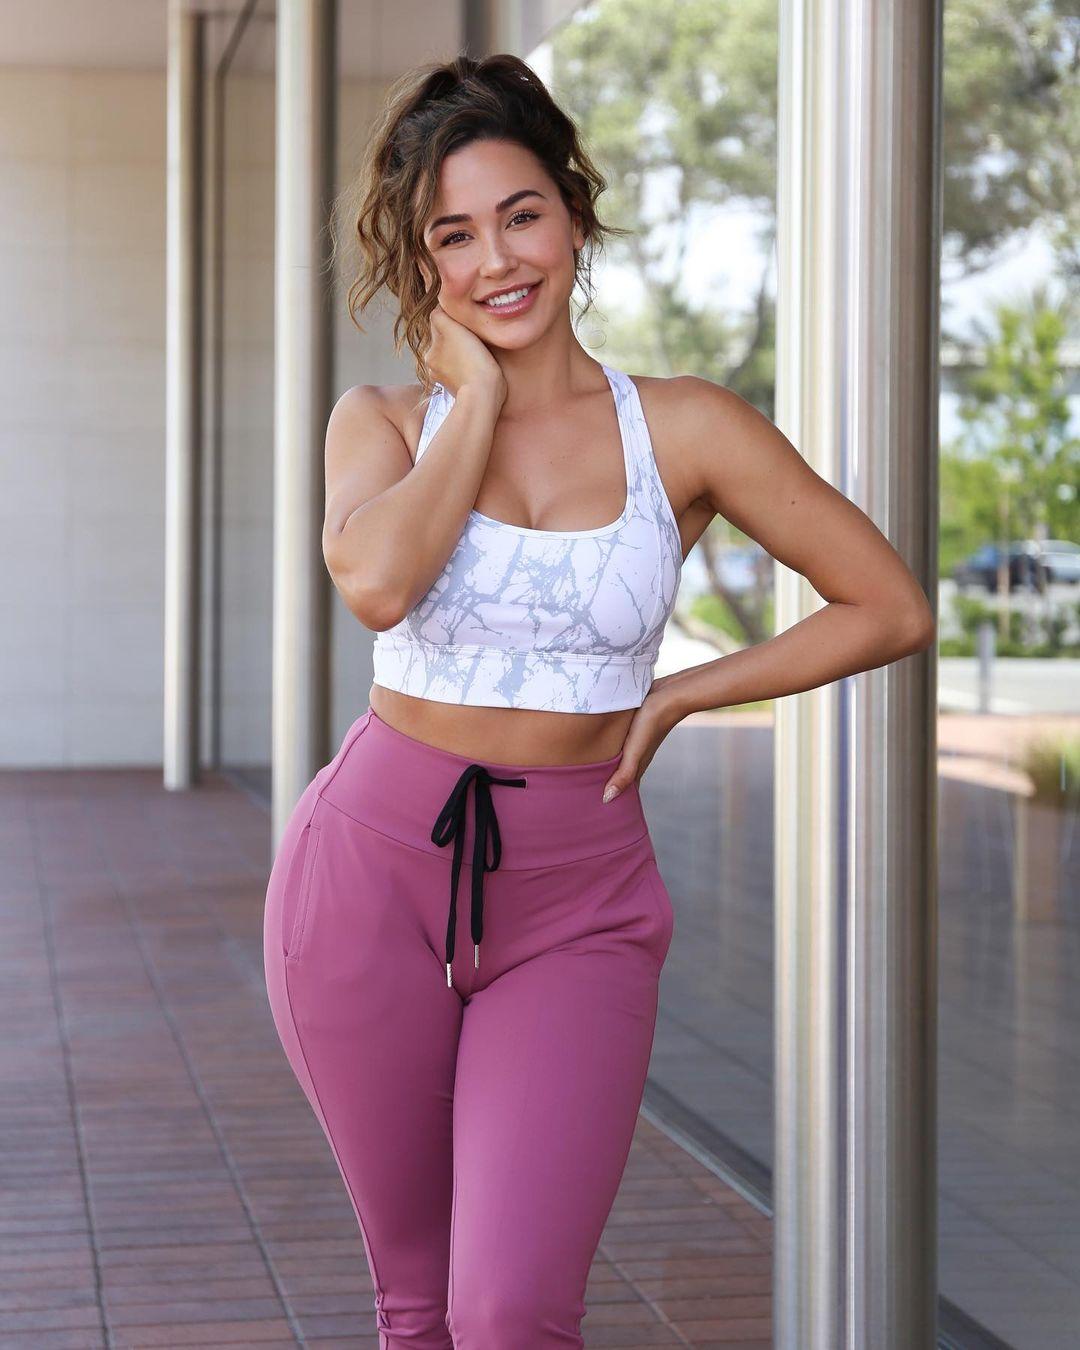 Ана Чери (Ana Cherí) - Самая горячая модель и фитнес тренер 17